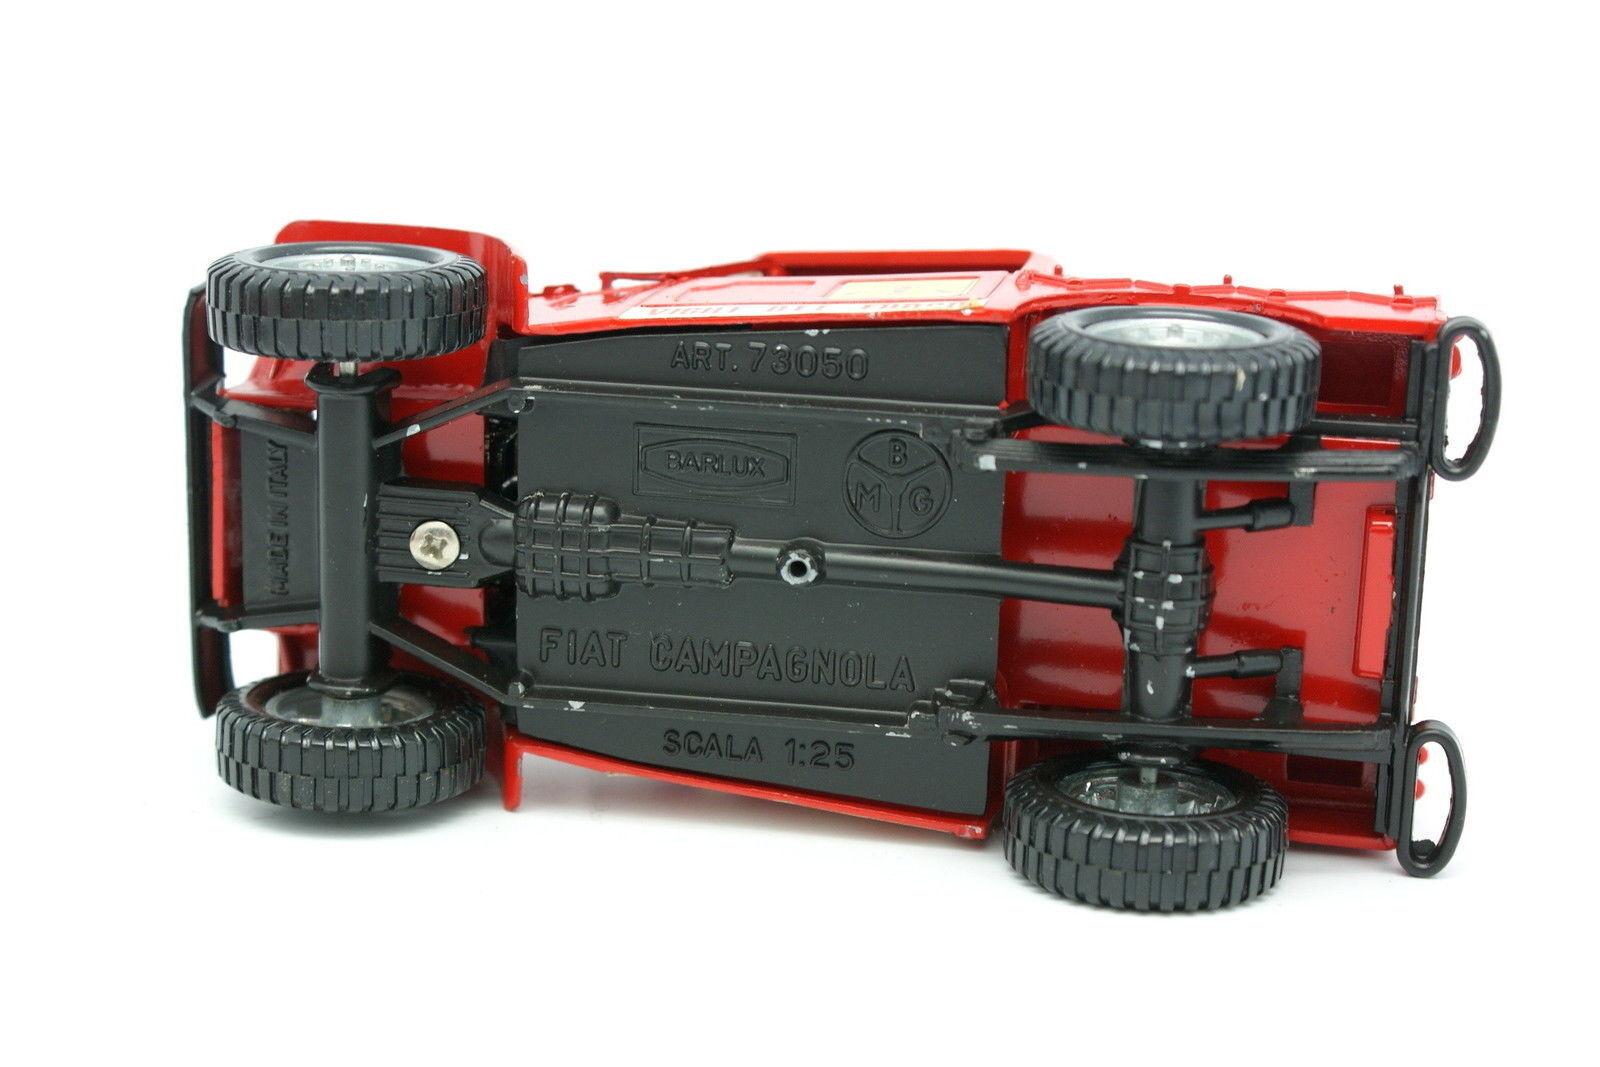 Barlux 1 1 1 25 - Fiat Campagnola Vigili Del Fuoco Pompieri Scala 66e161